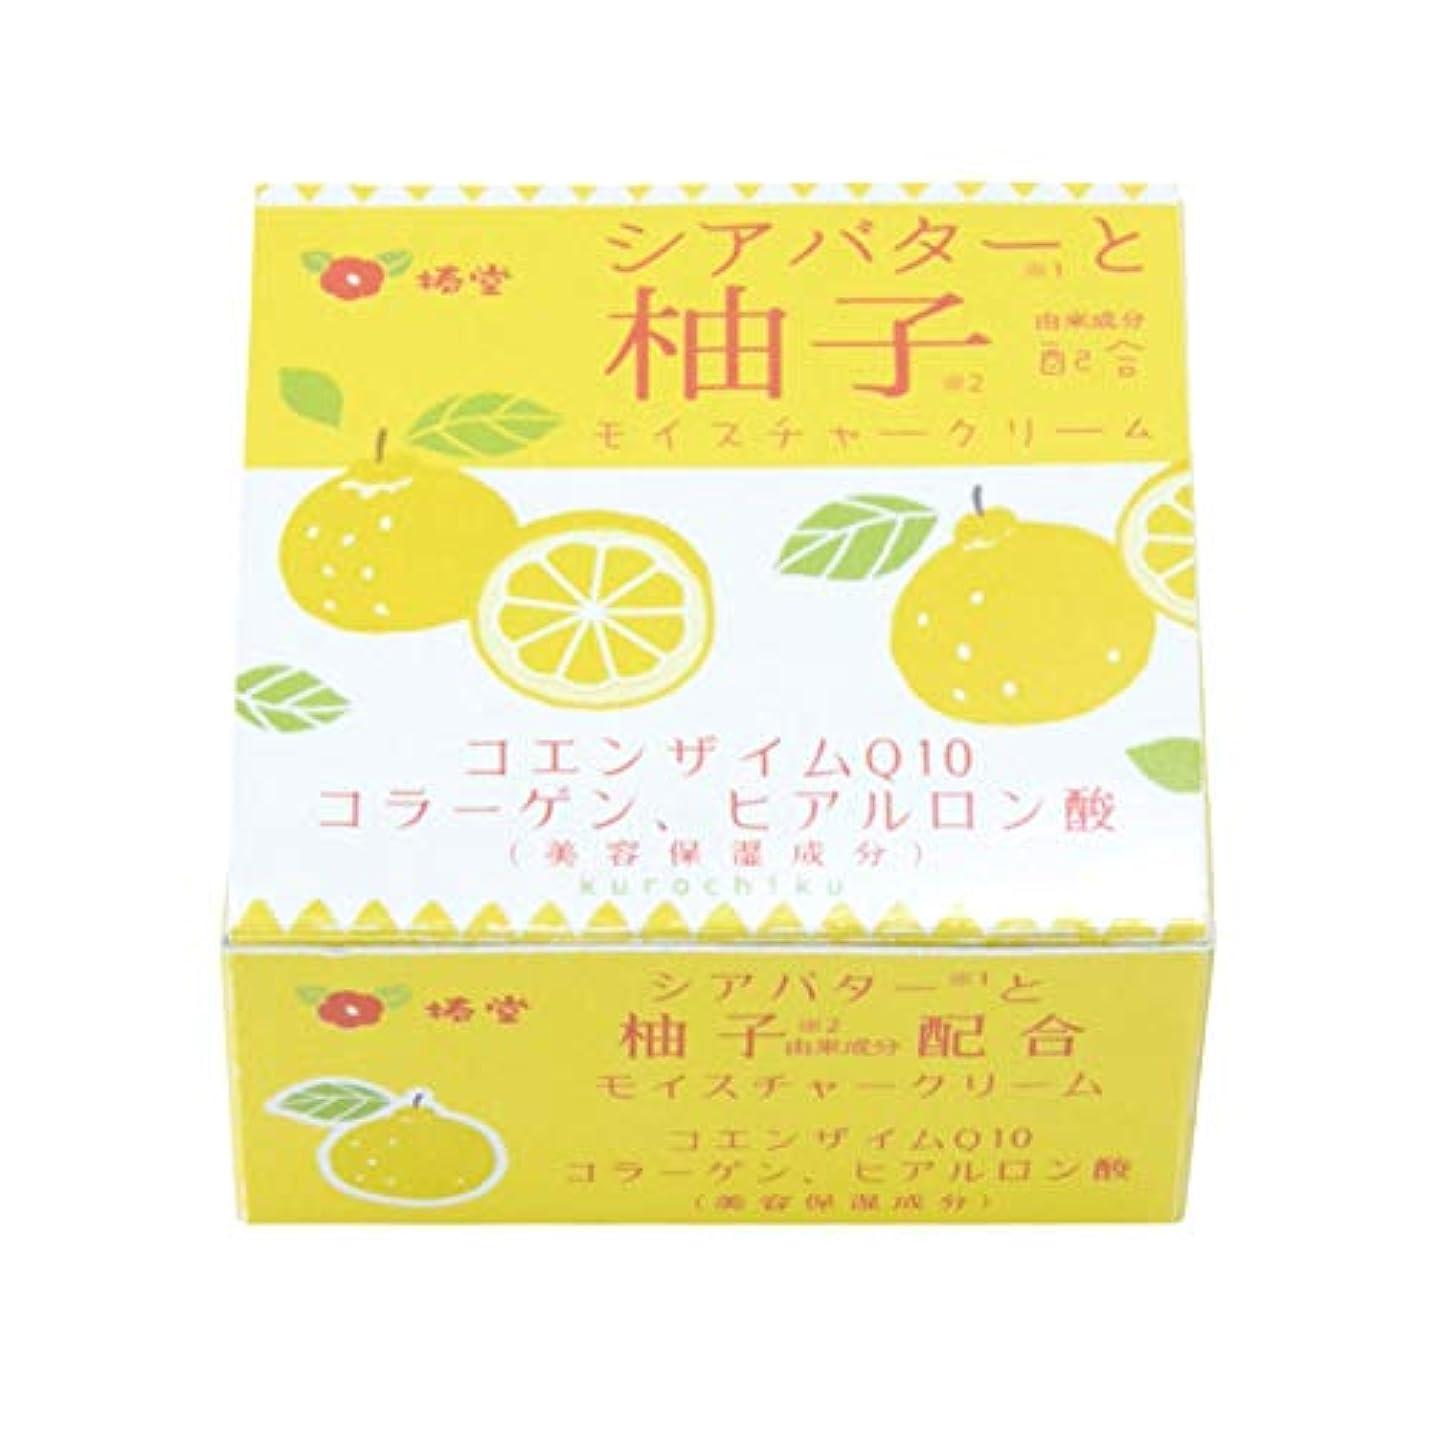 散文できる裁定椿堂 柚子モイスチャークリーム (シアバターと柚子) 京都くろちく